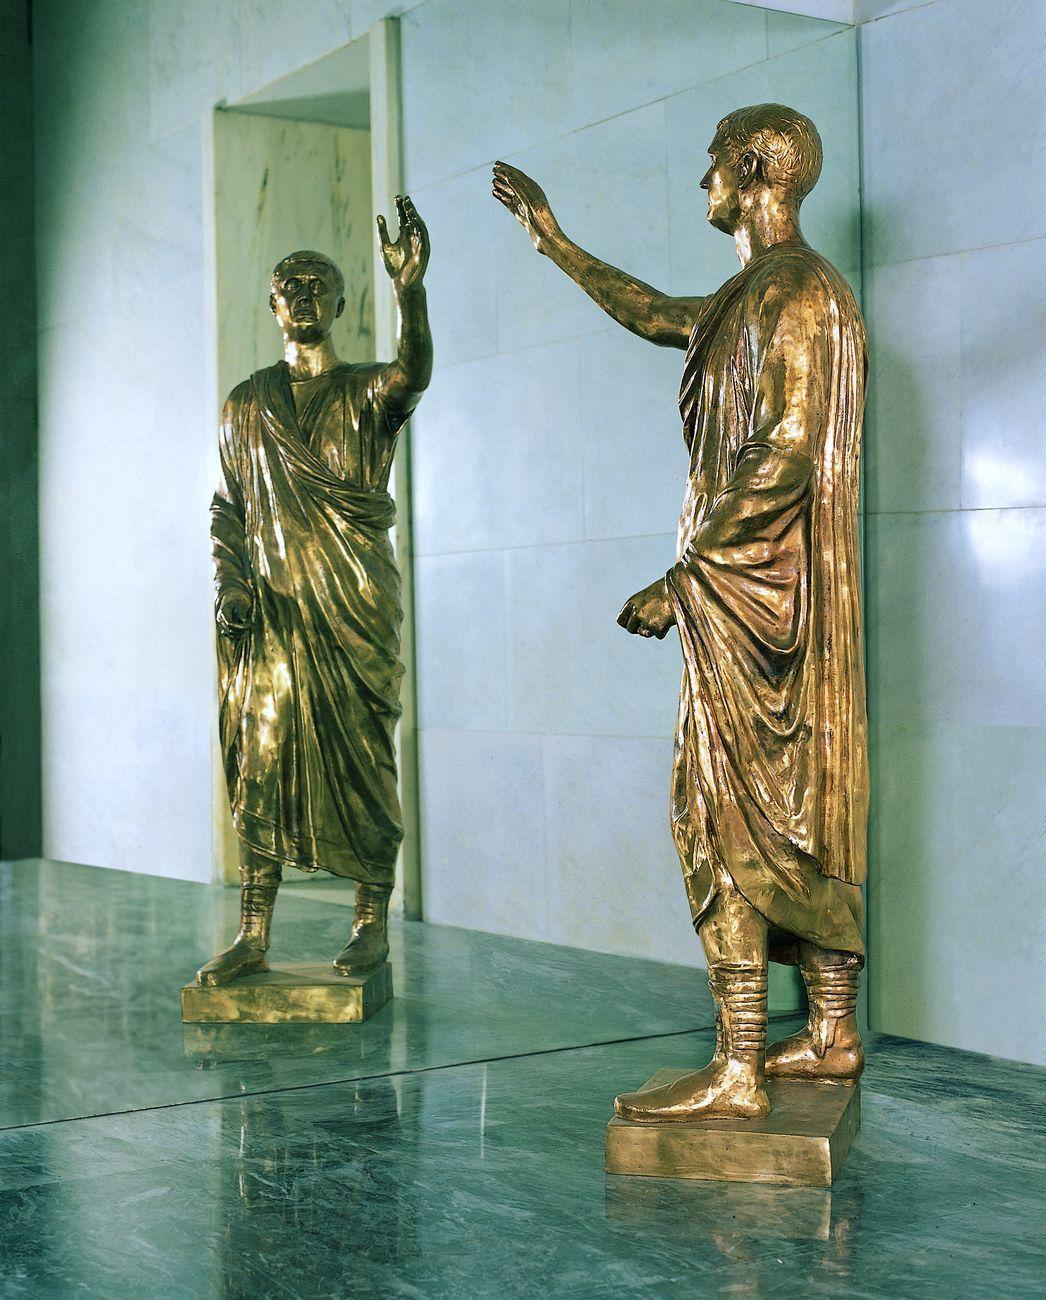 Michelangelo Pistoletto, L'Etrusco, 1976, specchio e bronzo, h. cm 185 (bronzo), cm 330x230 (specchio). Collezione Farnesina